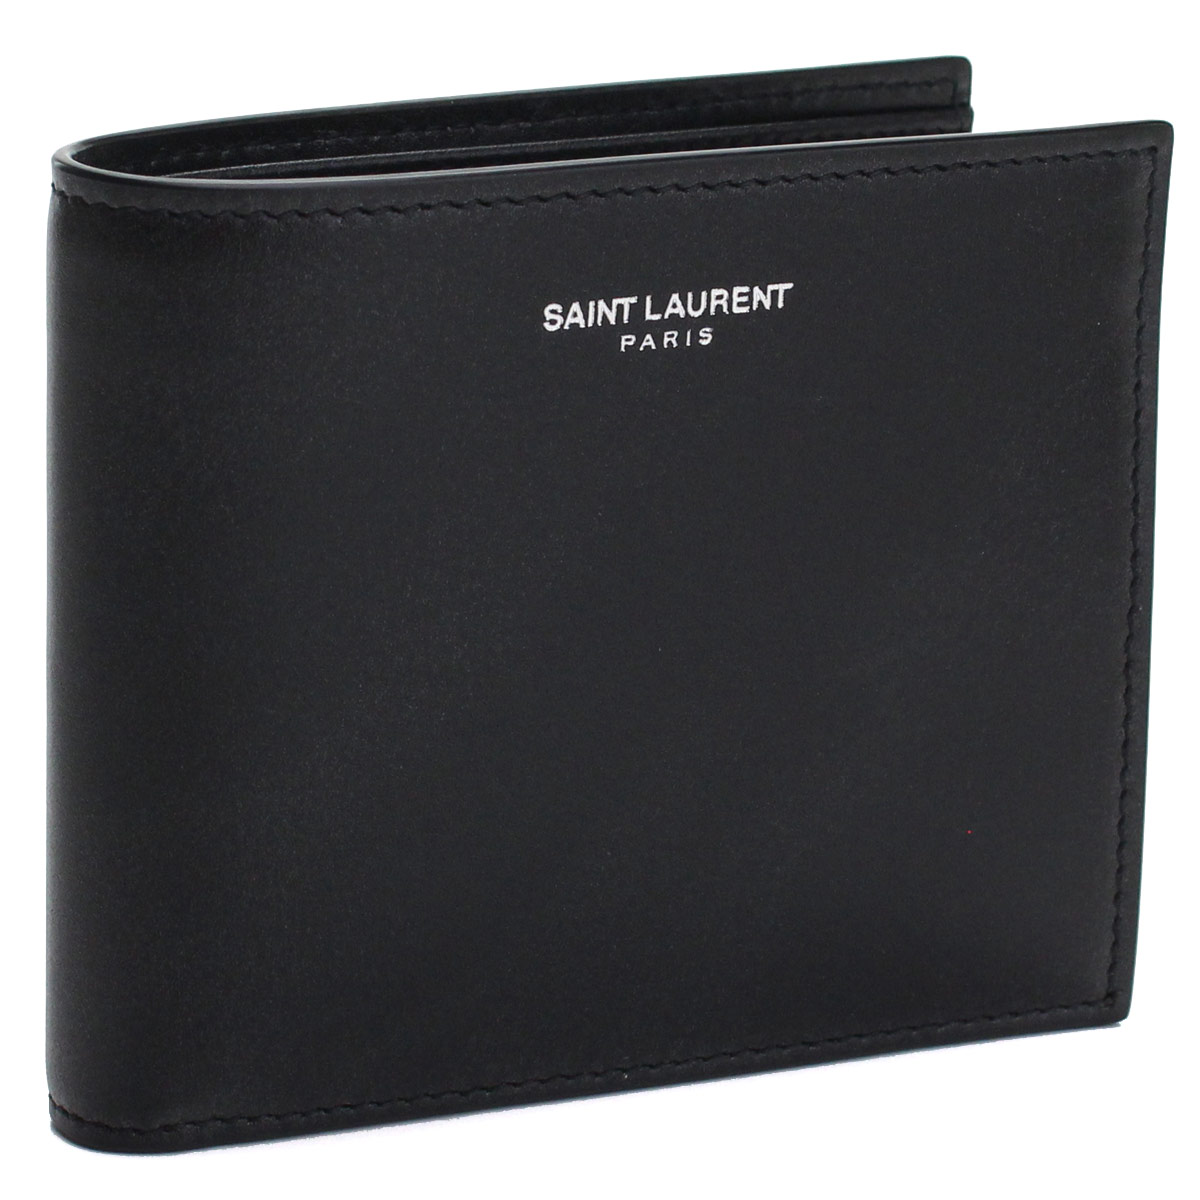 サンローラン SAINT LAURENT コンパクト財布 2つ折り財布 396303 0U90N 1000 ブラック メンズ